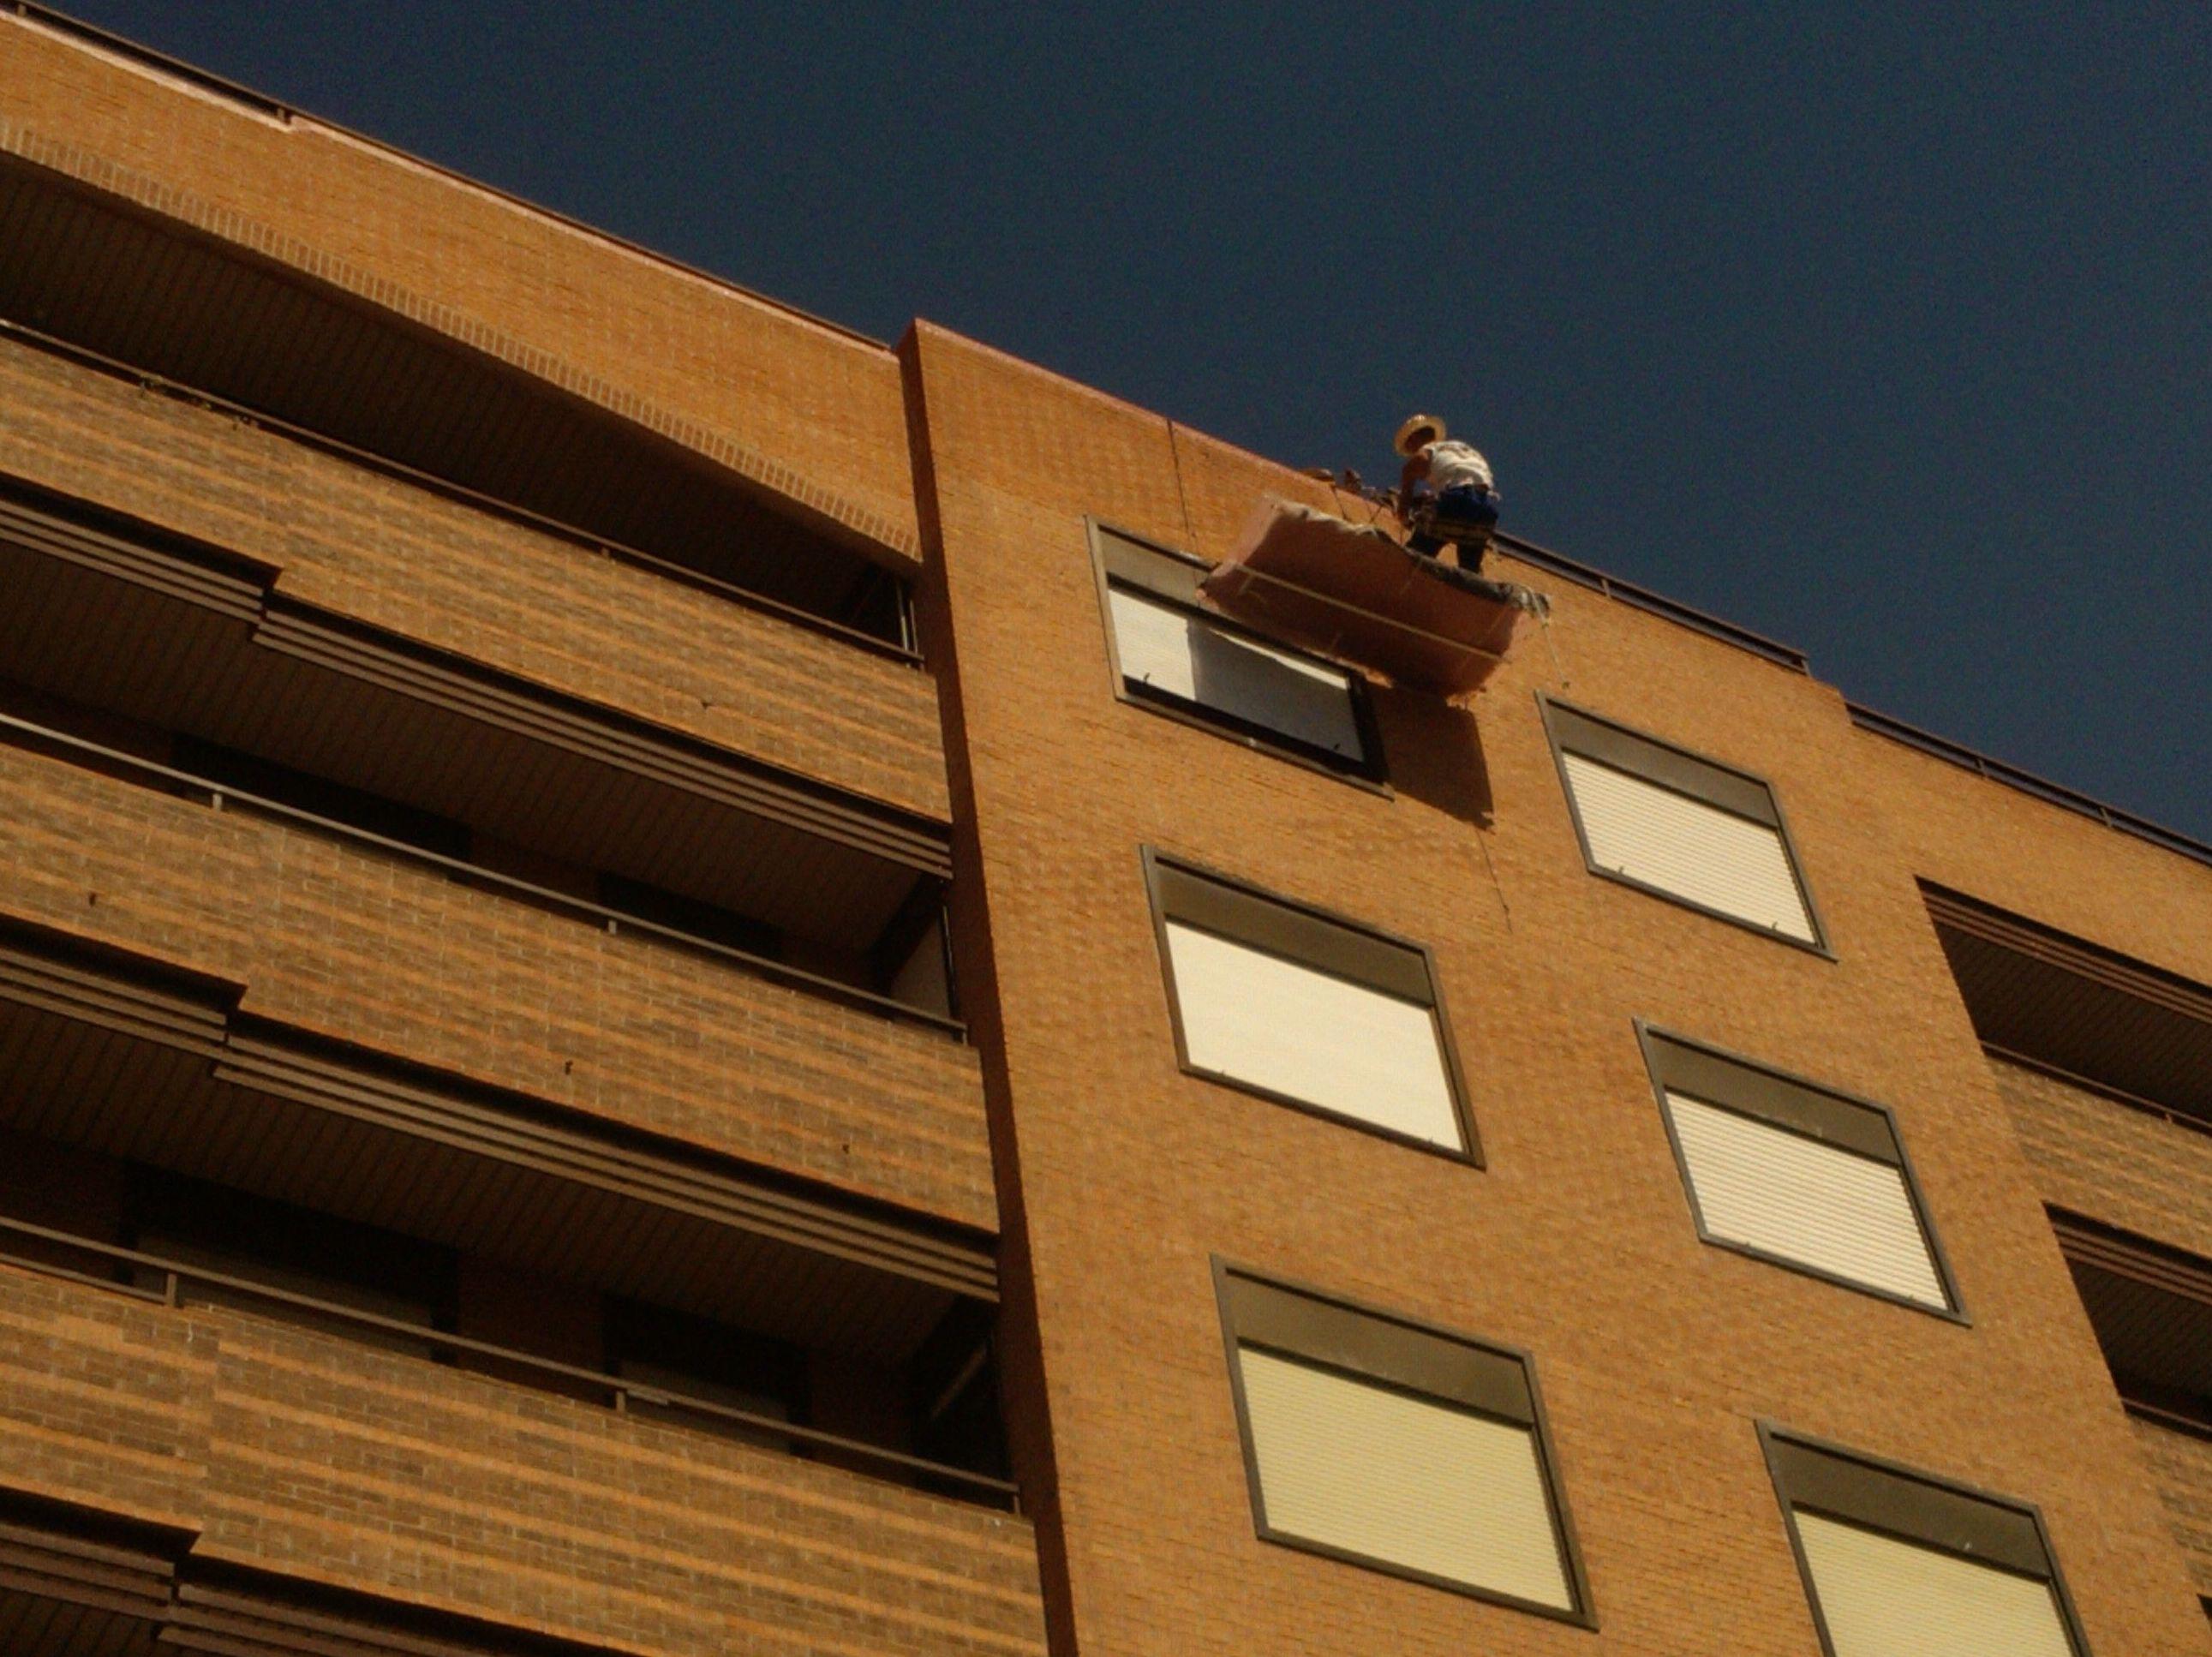 Rehabilitación de fachada con andamio